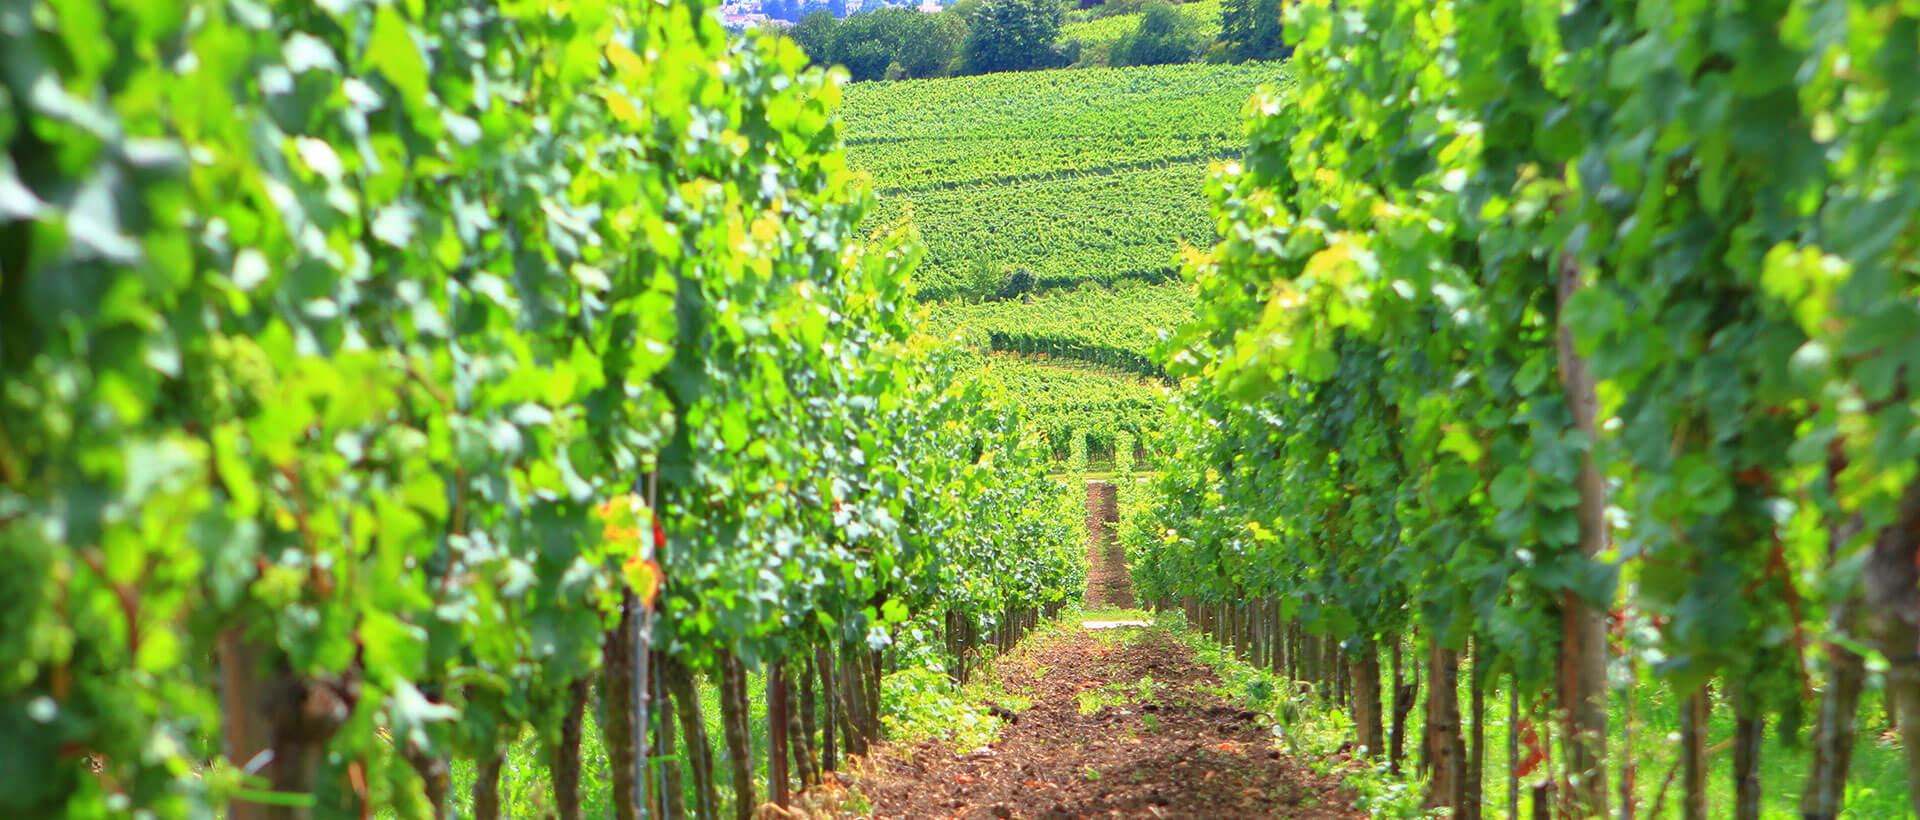 Weinlagen des Weingut am Nil in Kallstadt